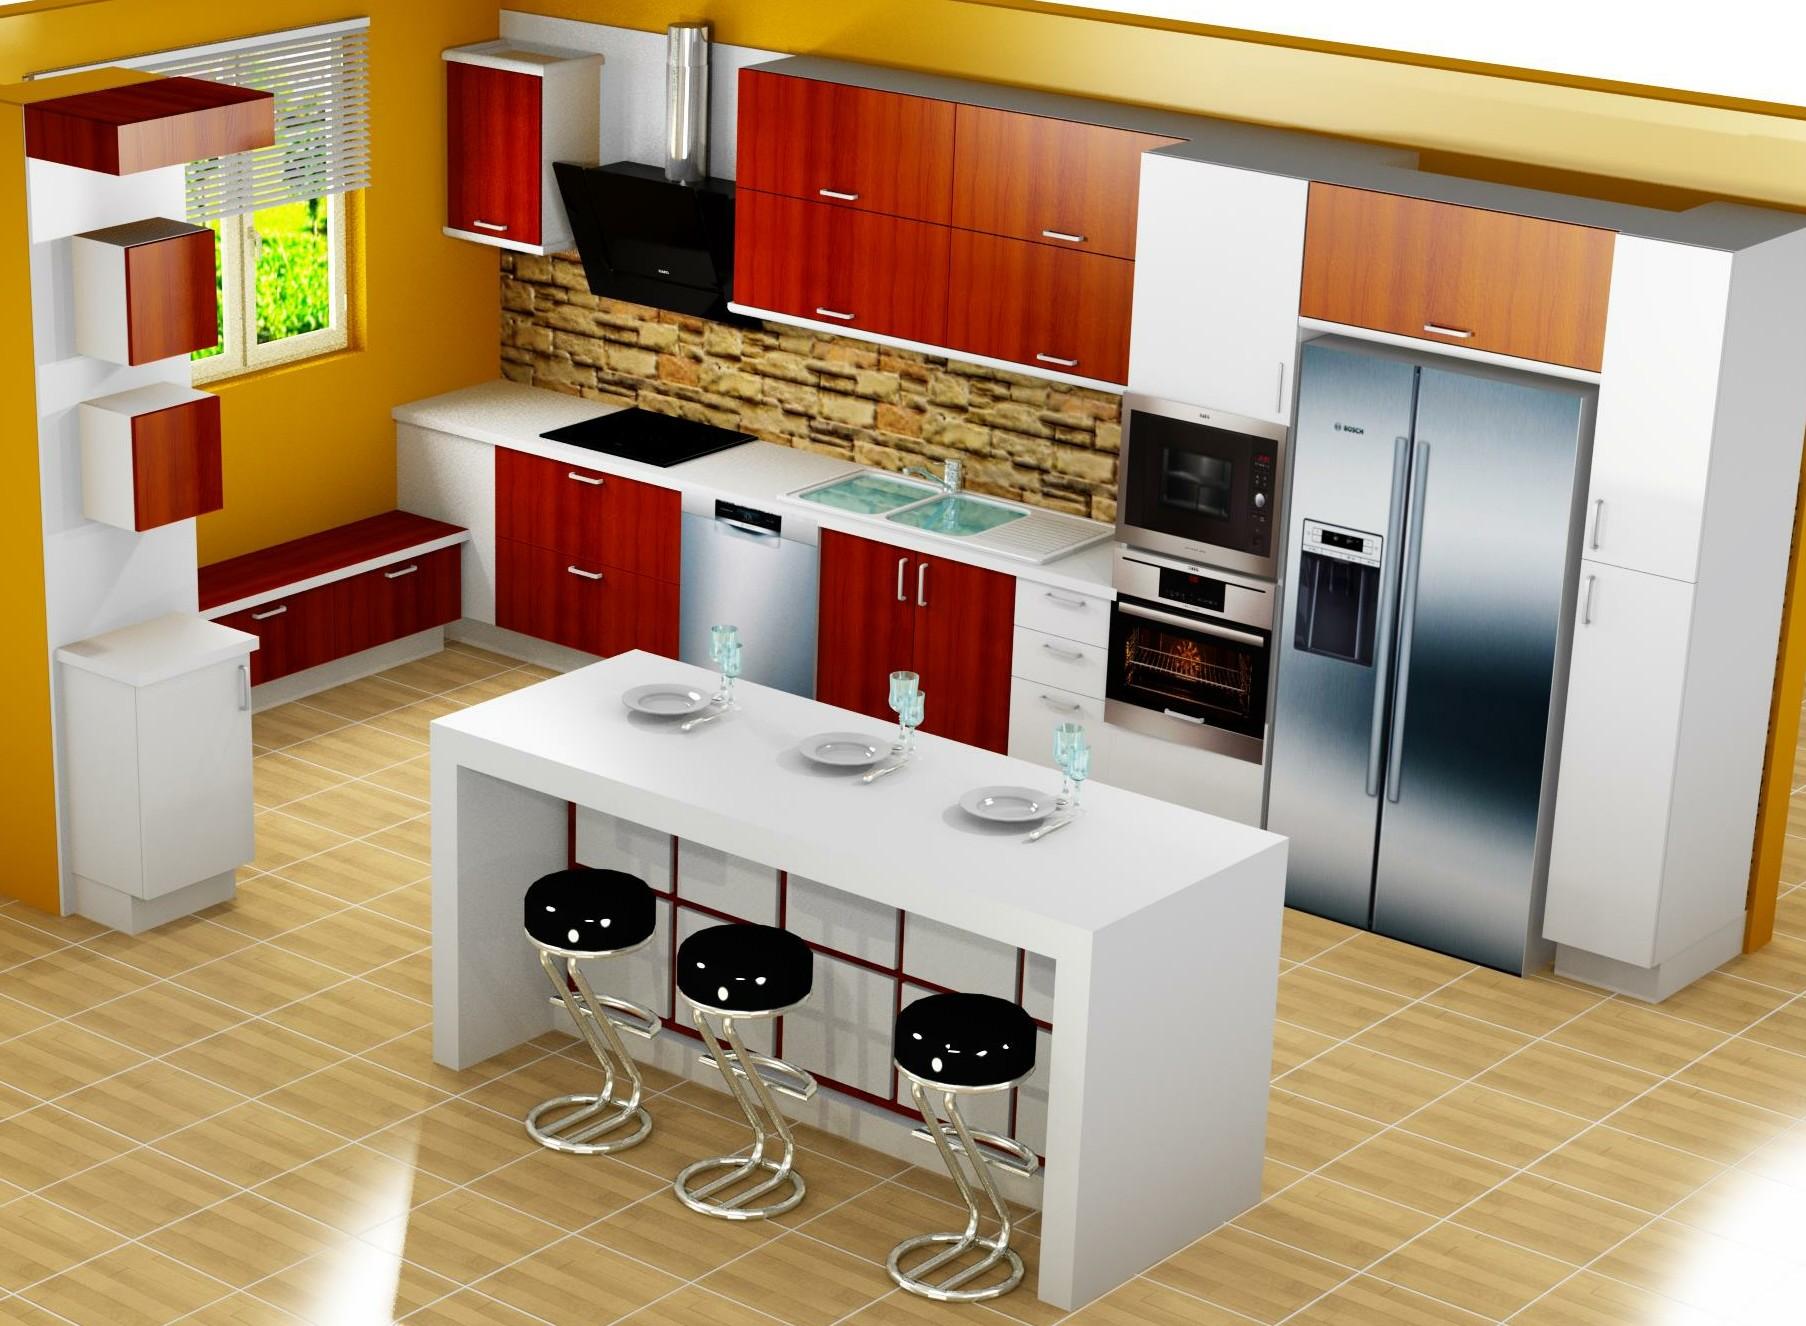 omid_agah81@yahoo.com-omid agah-kitchendraw